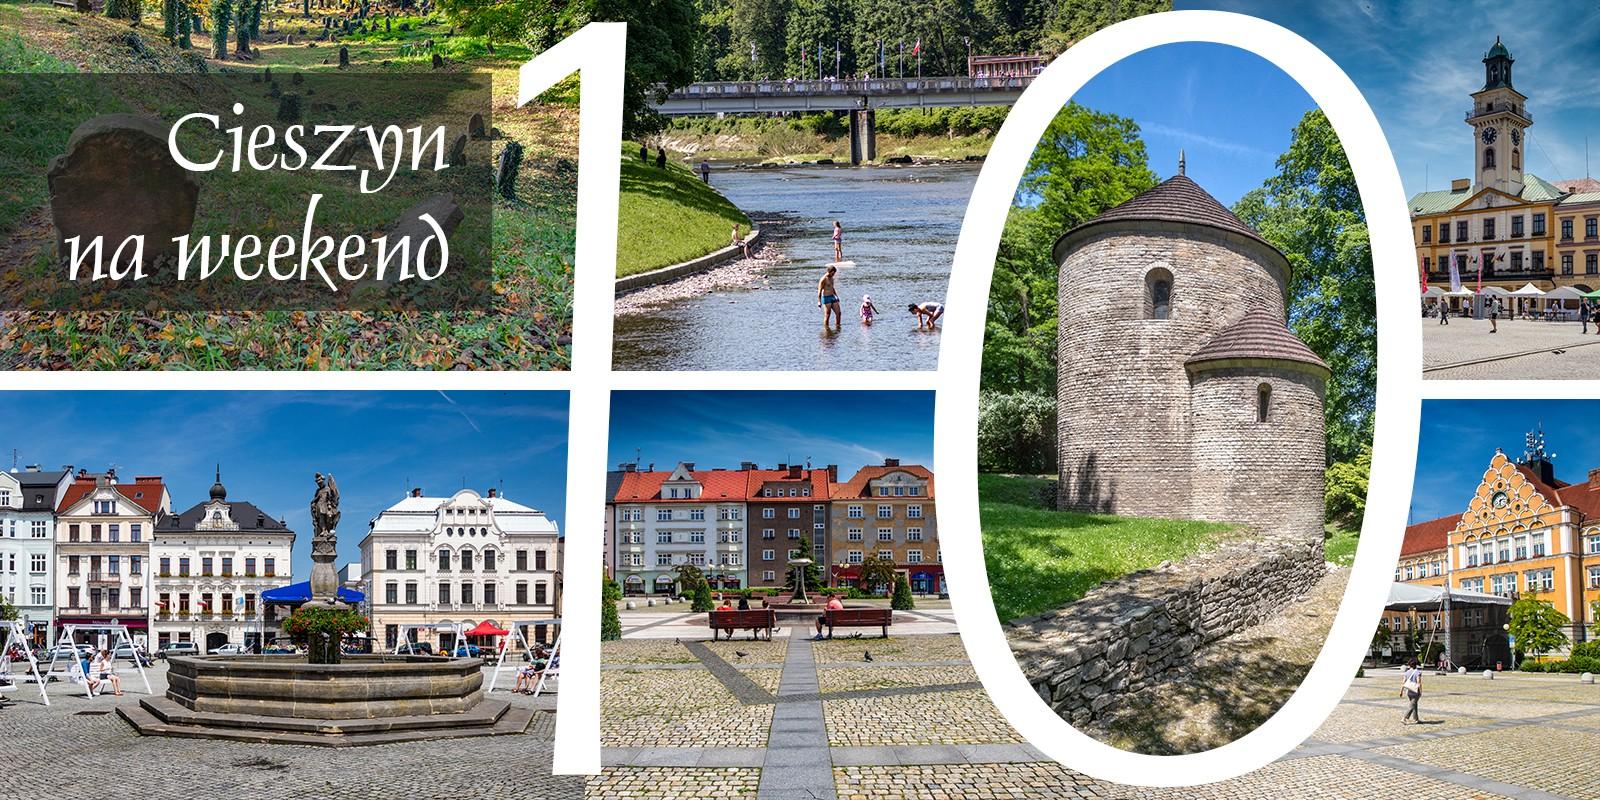 Cieszyn czeski zwiedzanie pomysł na weekend przewodnik atrakcje zabytki czechy śląsk górny